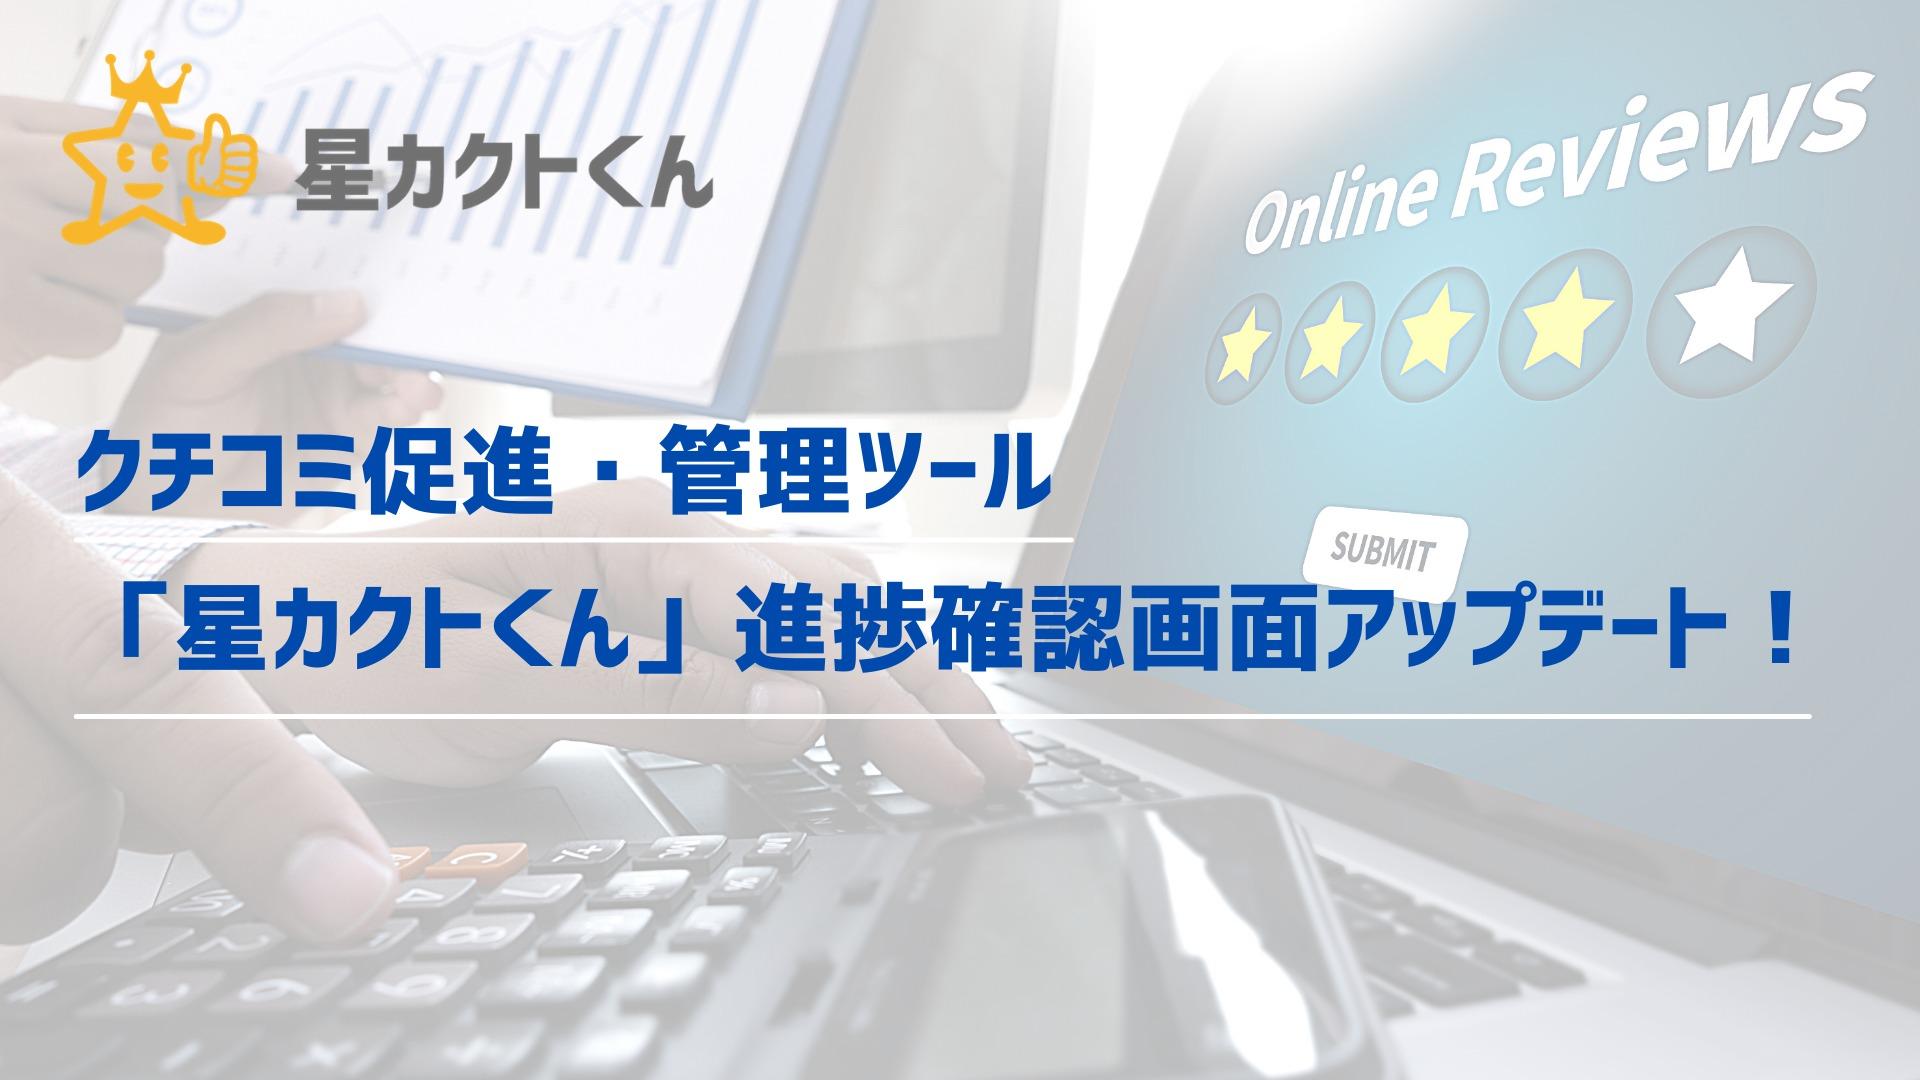 店舗・施設のクチコミ促進・管理ツール『星カクトくん』の獲得・進捗確認画面をアップデートしました。